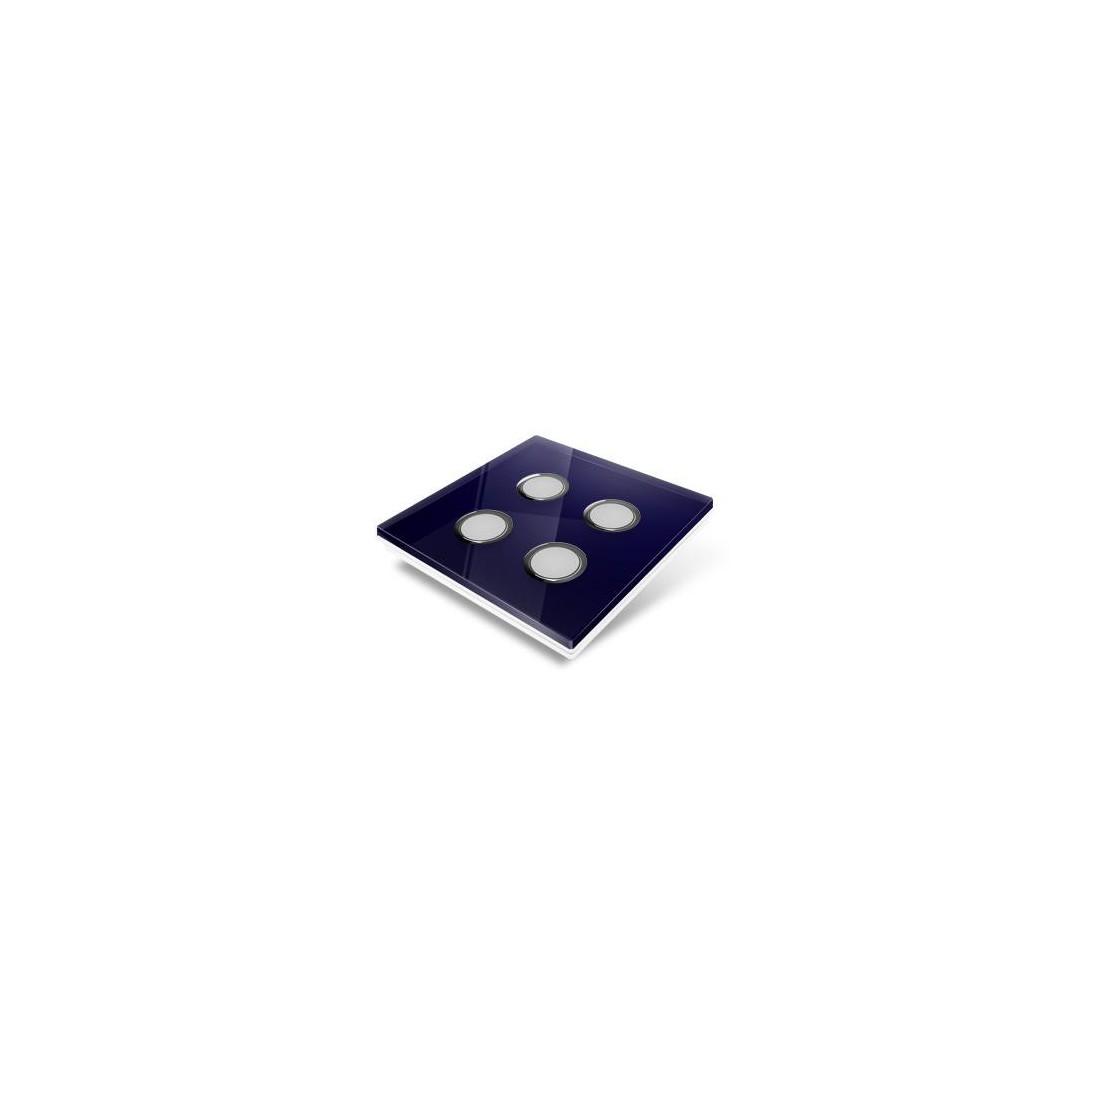 Plaque de recouvrement pour interrupteur Edisio - crystal Noir